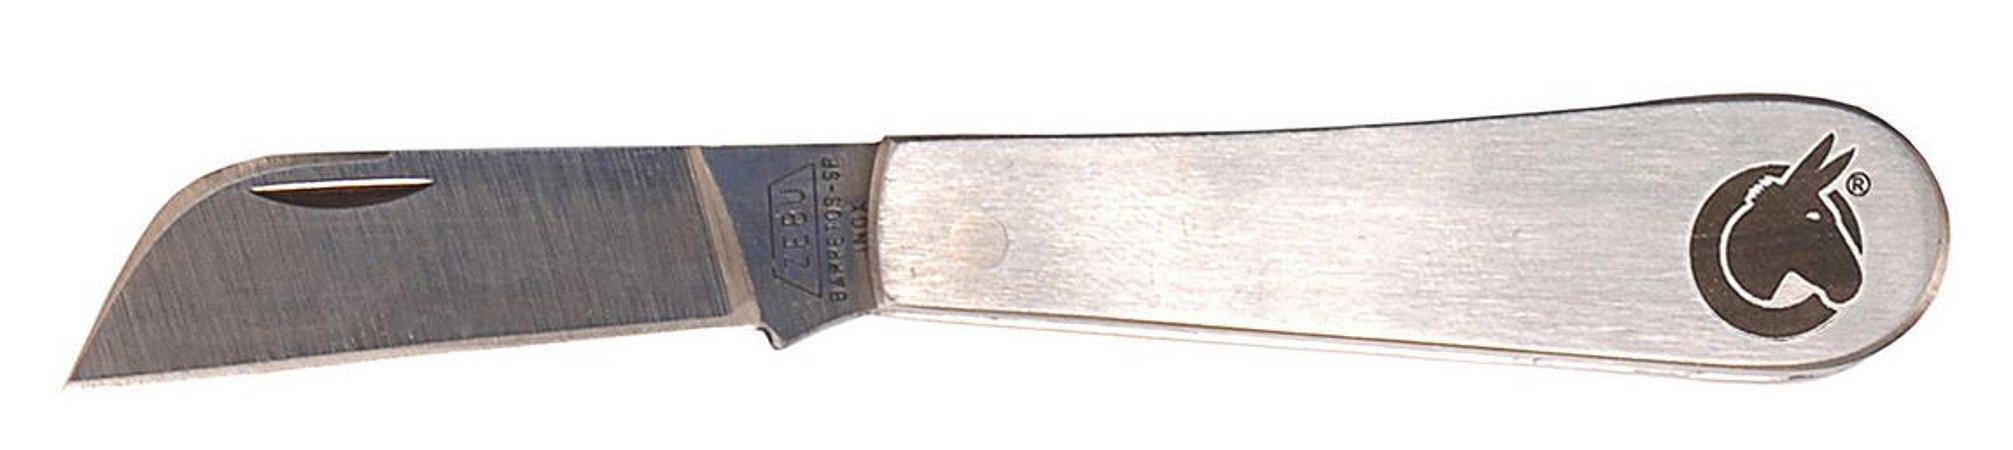 Canivete Aço Inox Muladeiros com Presilha PEQ